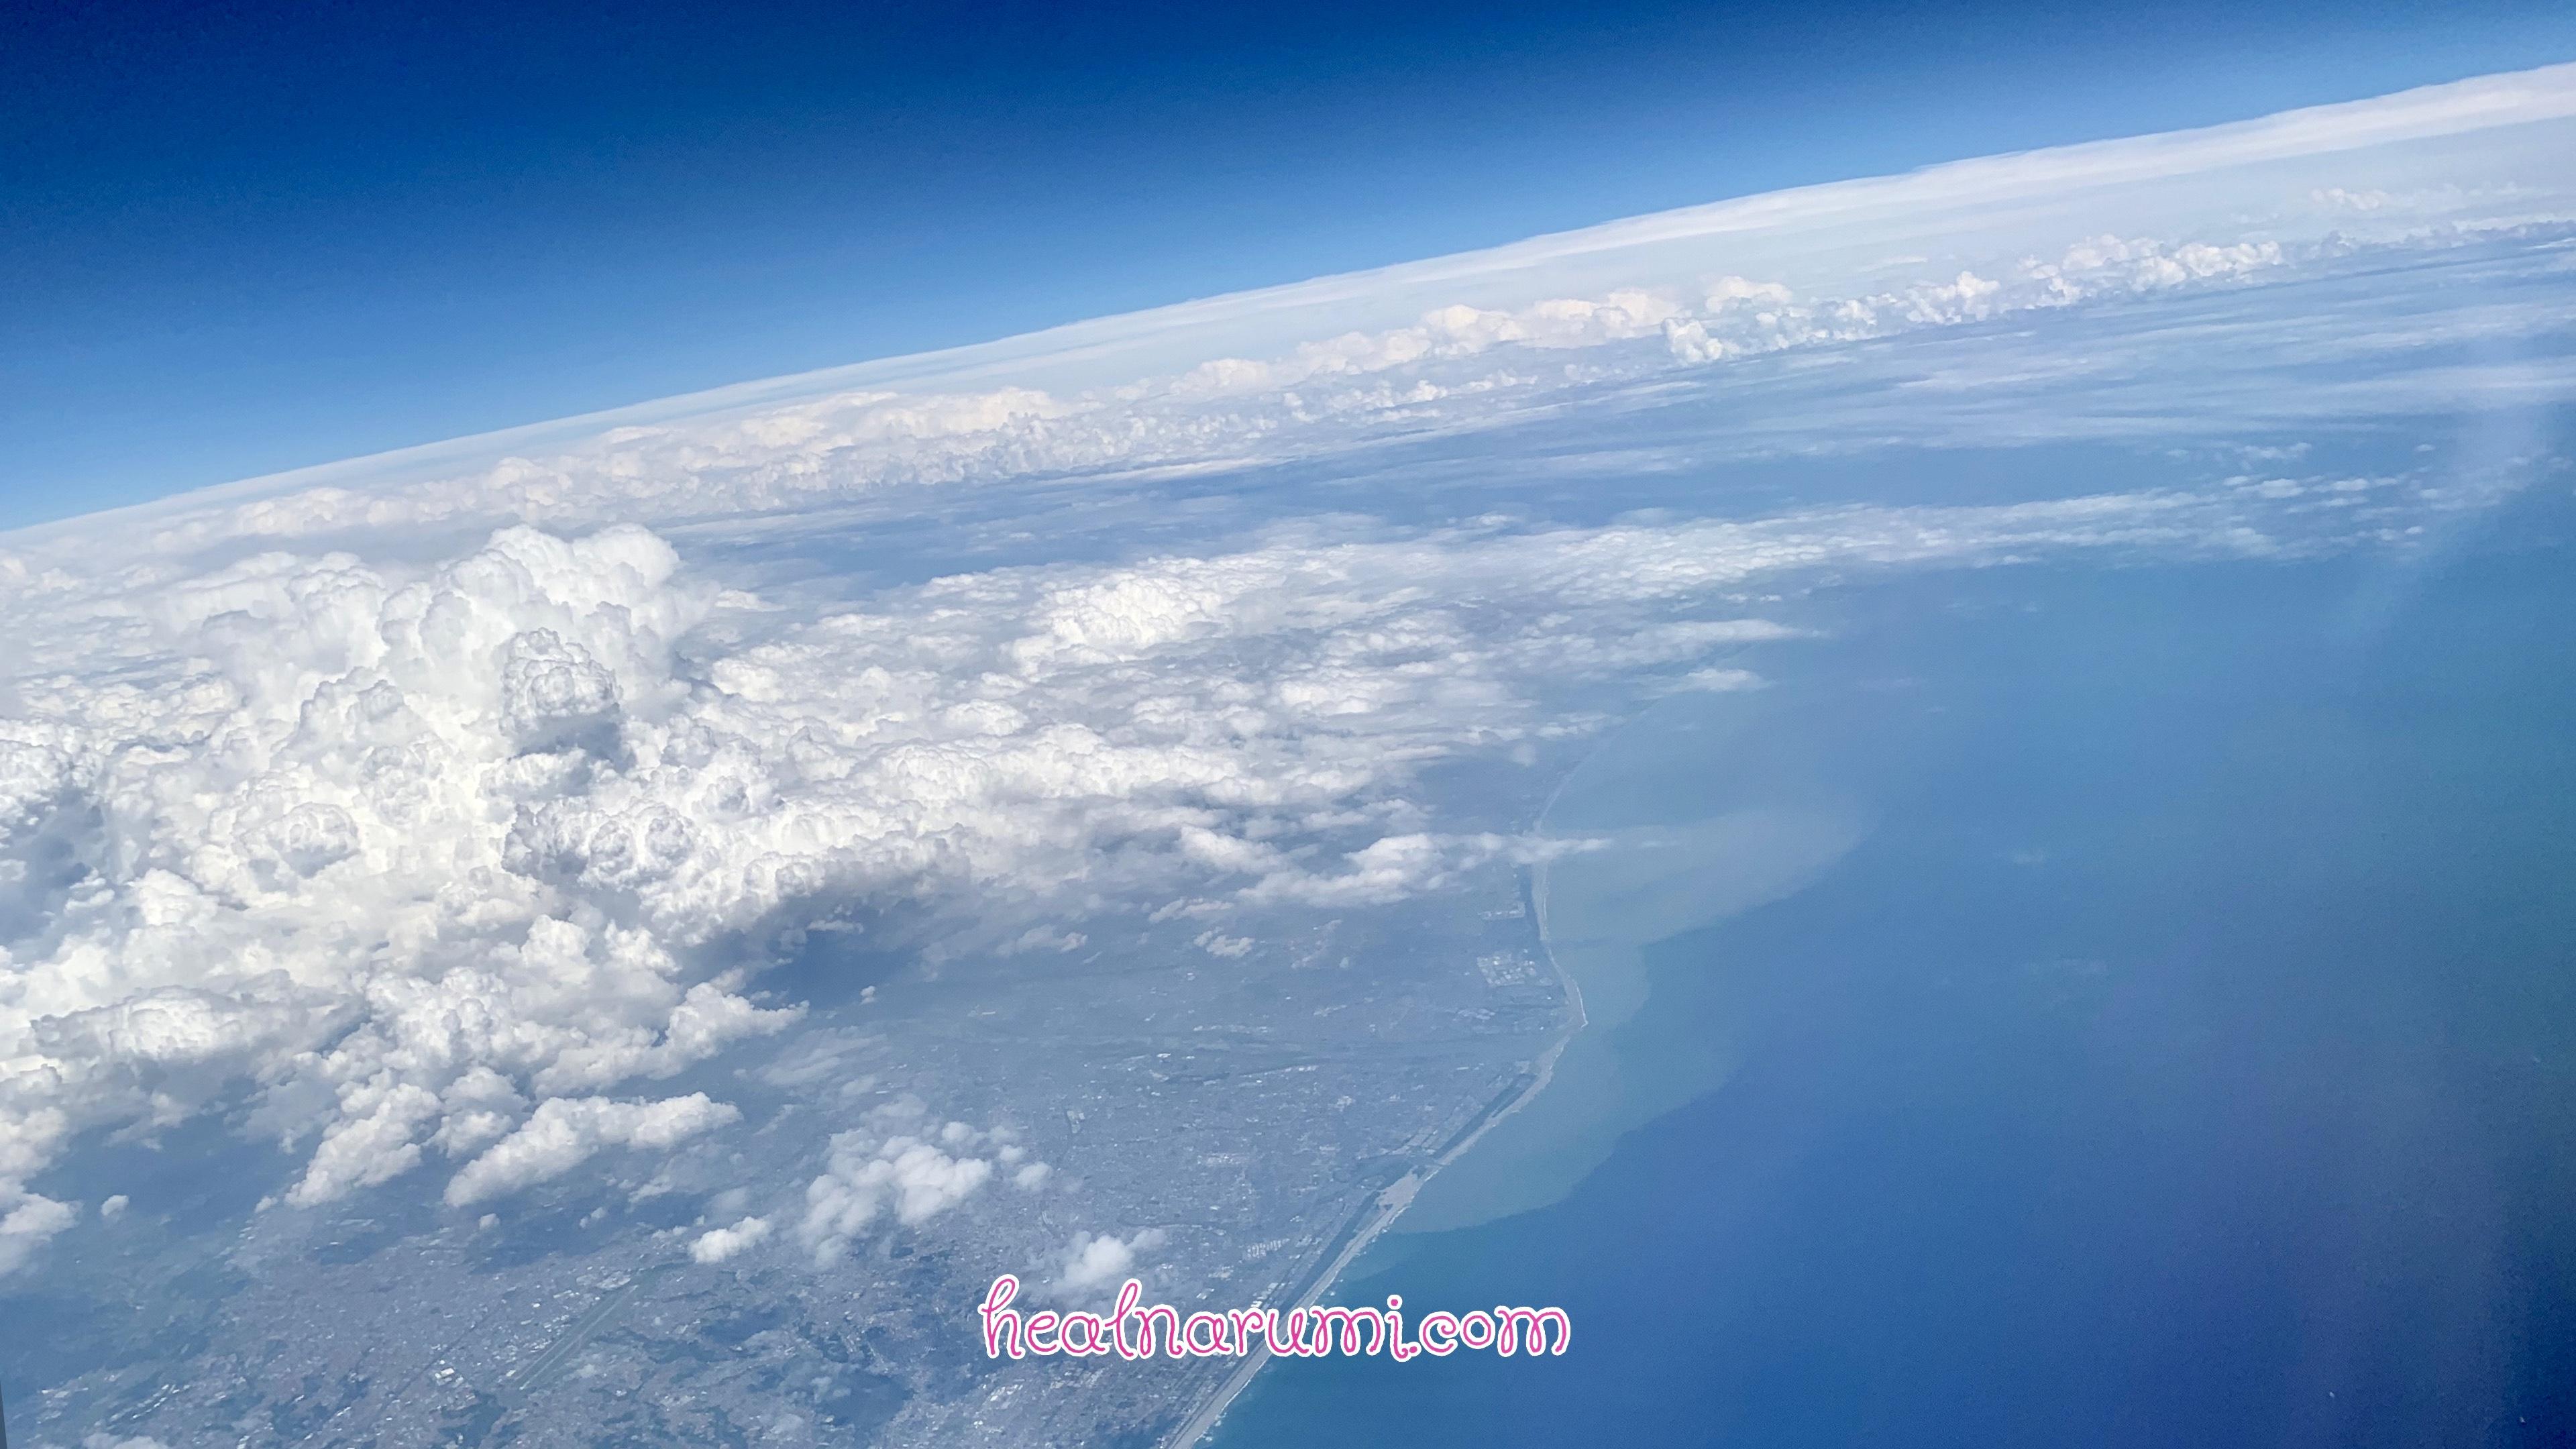 【海外旅行を120%楽しむ方法】国際線CAさんからのリクエスト!夏休みの遠出にもオススメ